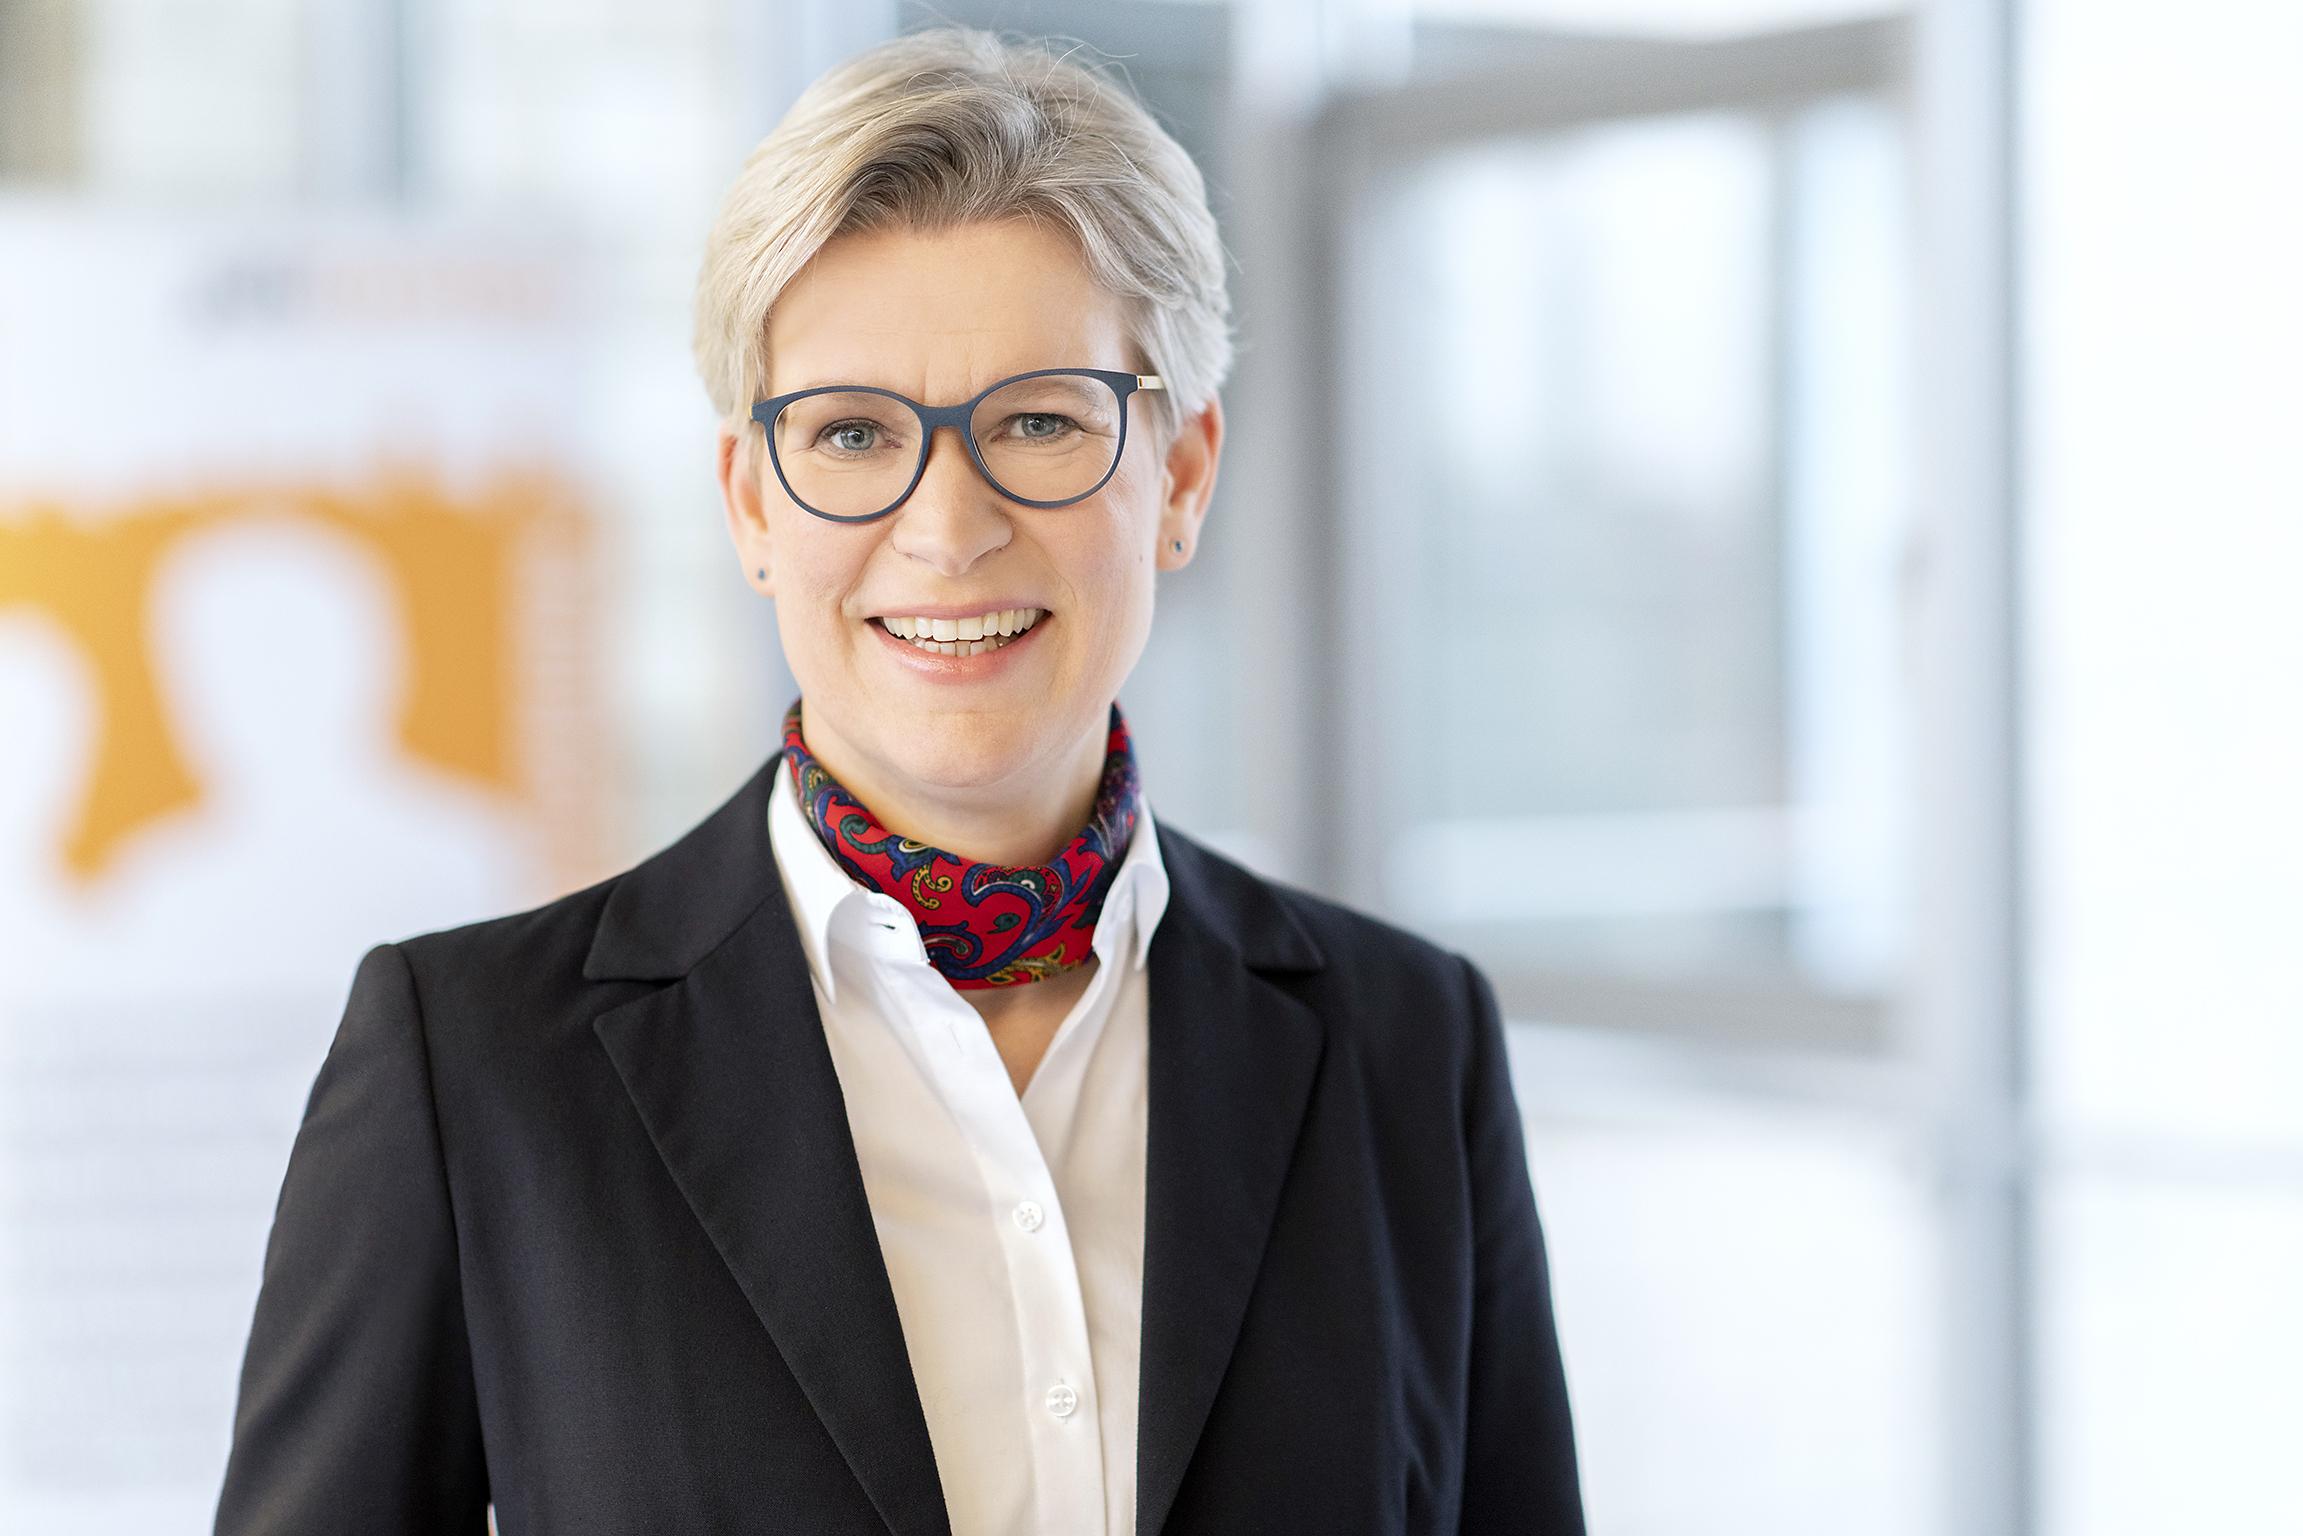 Grußwort von Dr. Regine Schmalhorst, Geschäftsführerin Jobcenter Dortmund